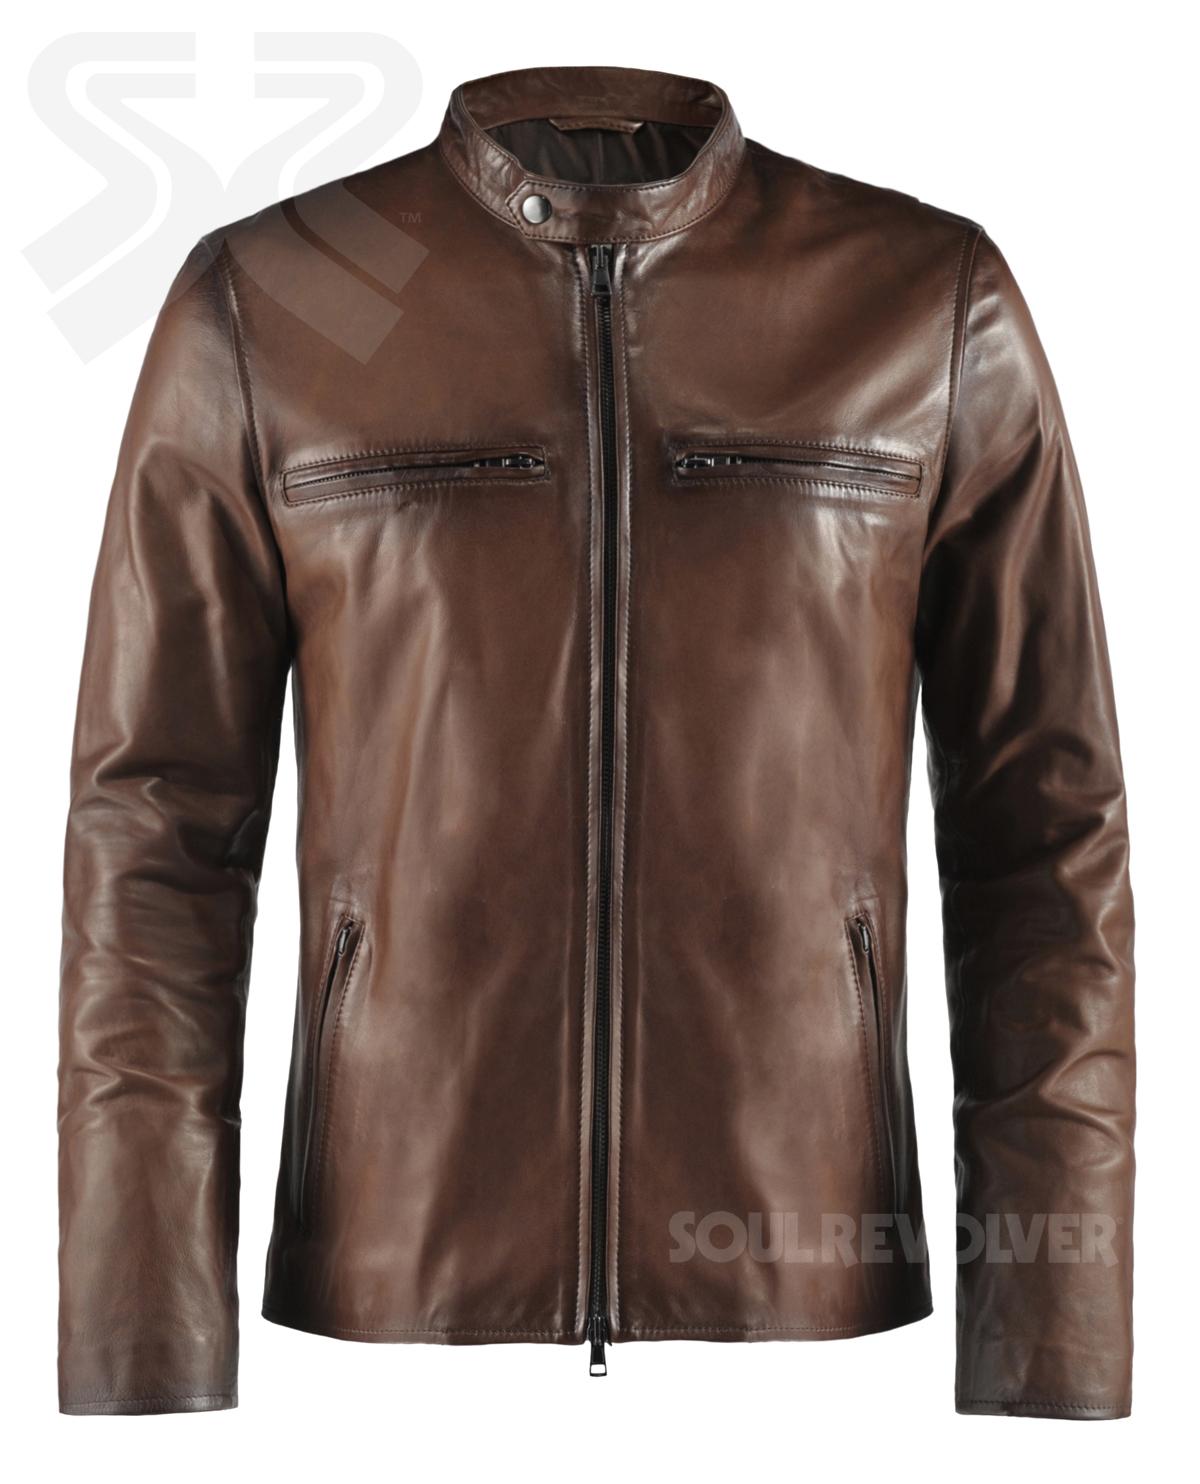 by Soul Revolver on Soul Revolver Vintage Leather Jackets for Men